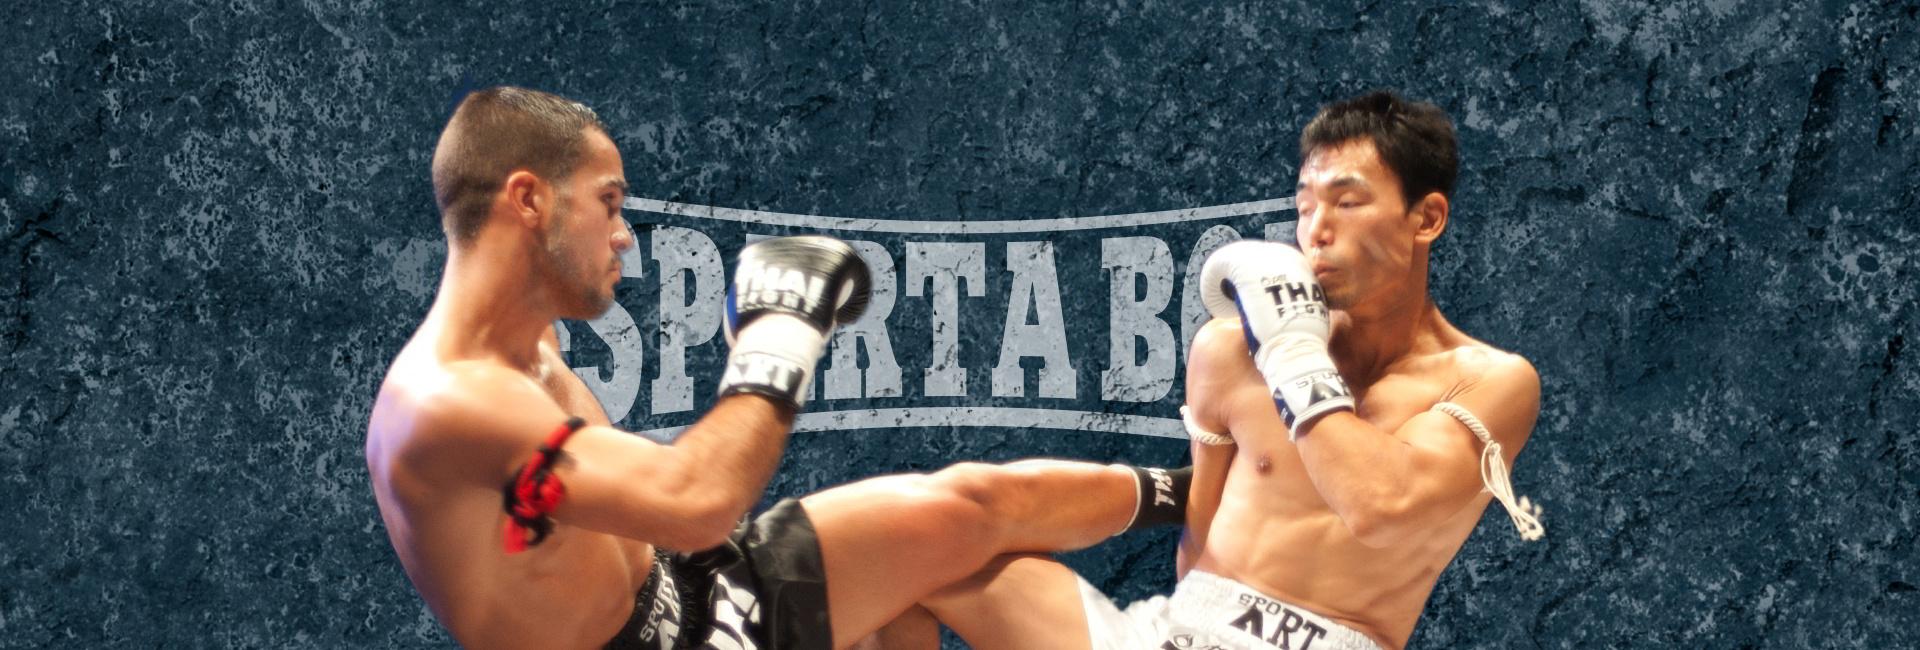 SpartaBox: Тайский бокс